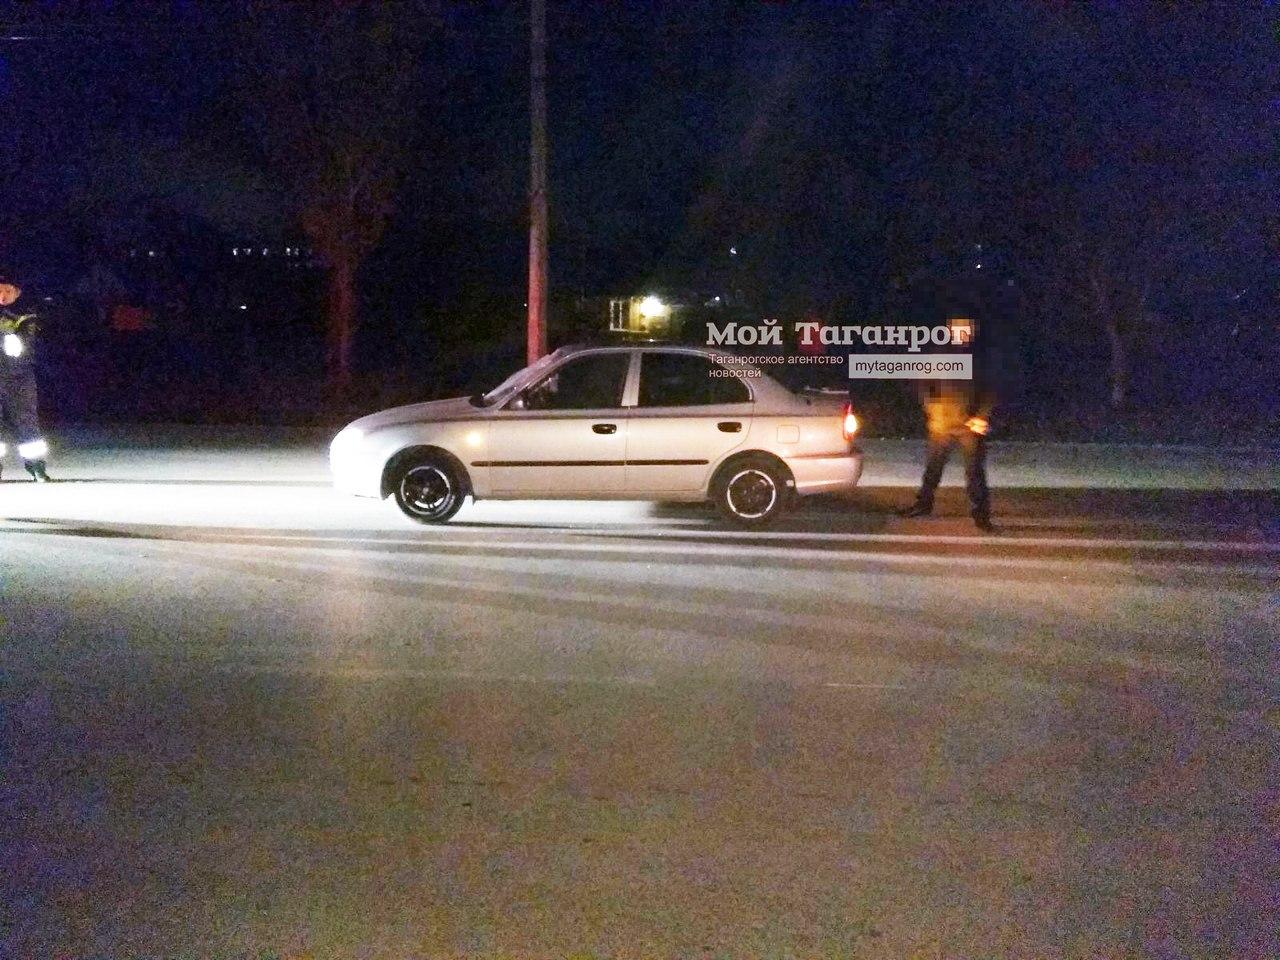 В Таганроге мужчина перебегал дорогу на неосвещенном участке и угодил под колеса Hyundai Accent